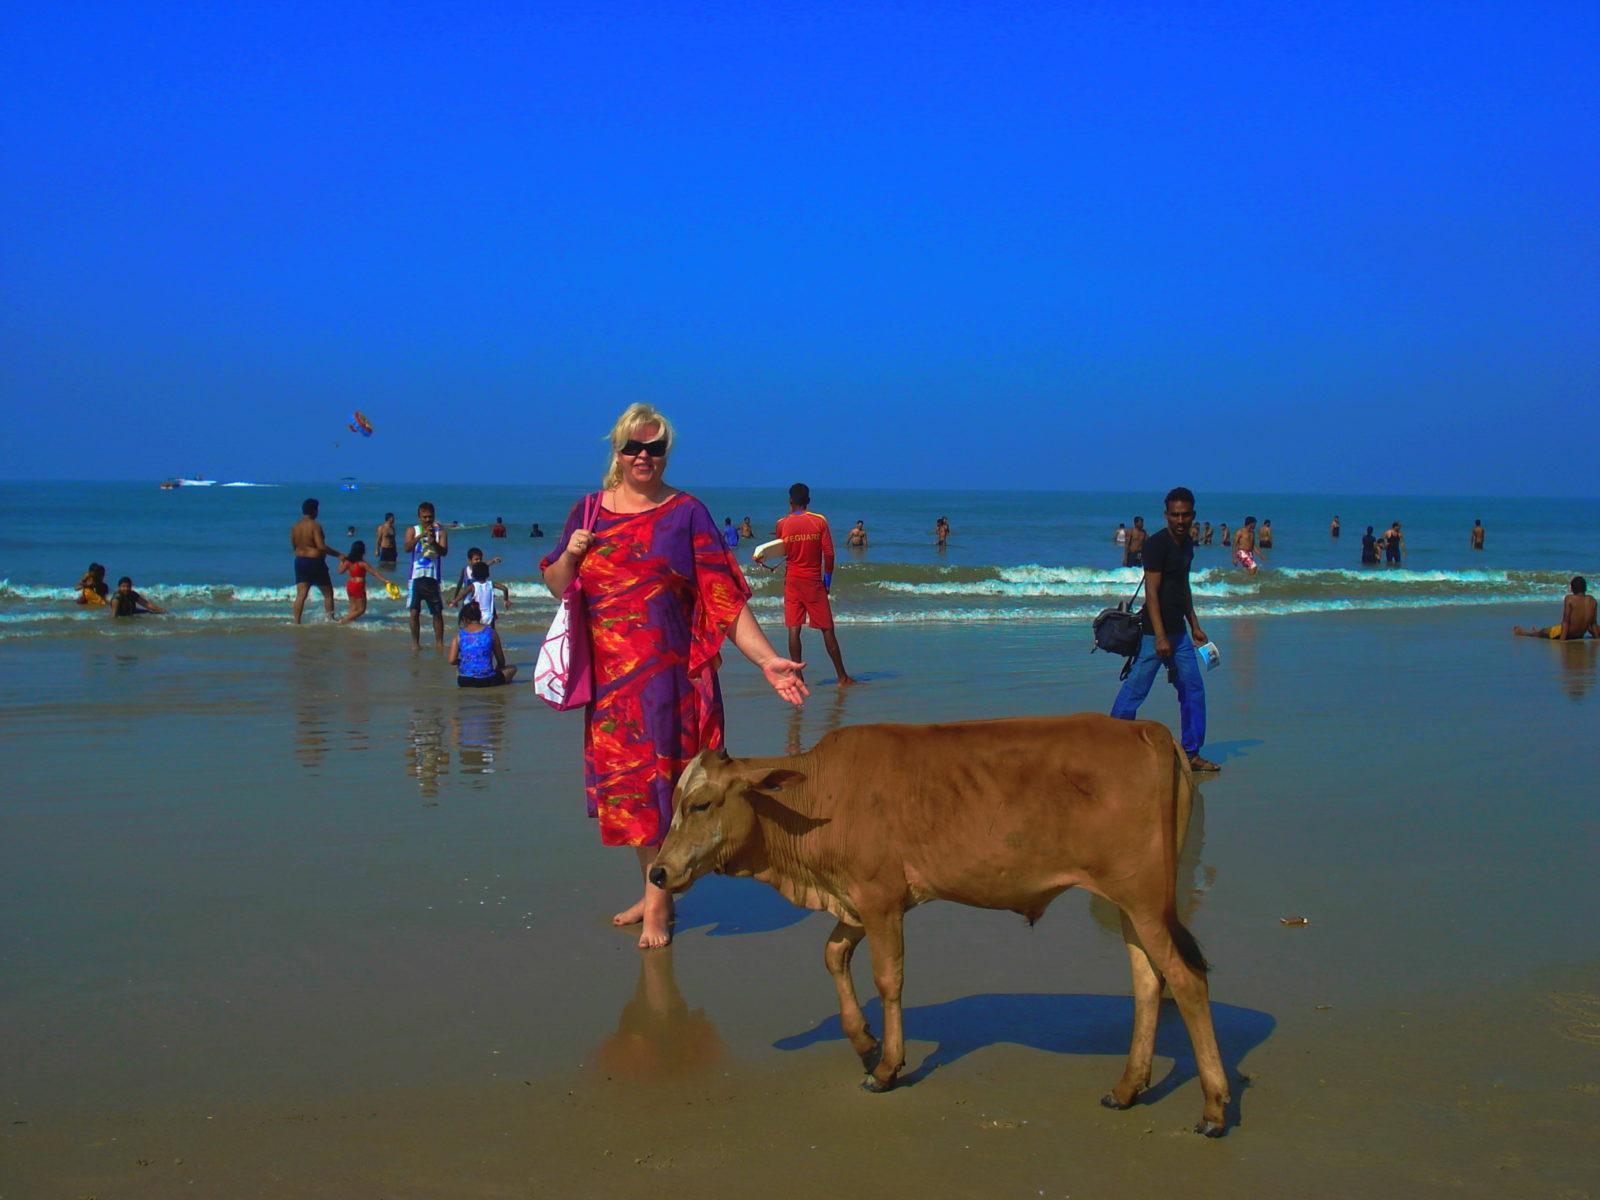 Индия | описание, население, достопримечательности, информация об индии - travellan.ru